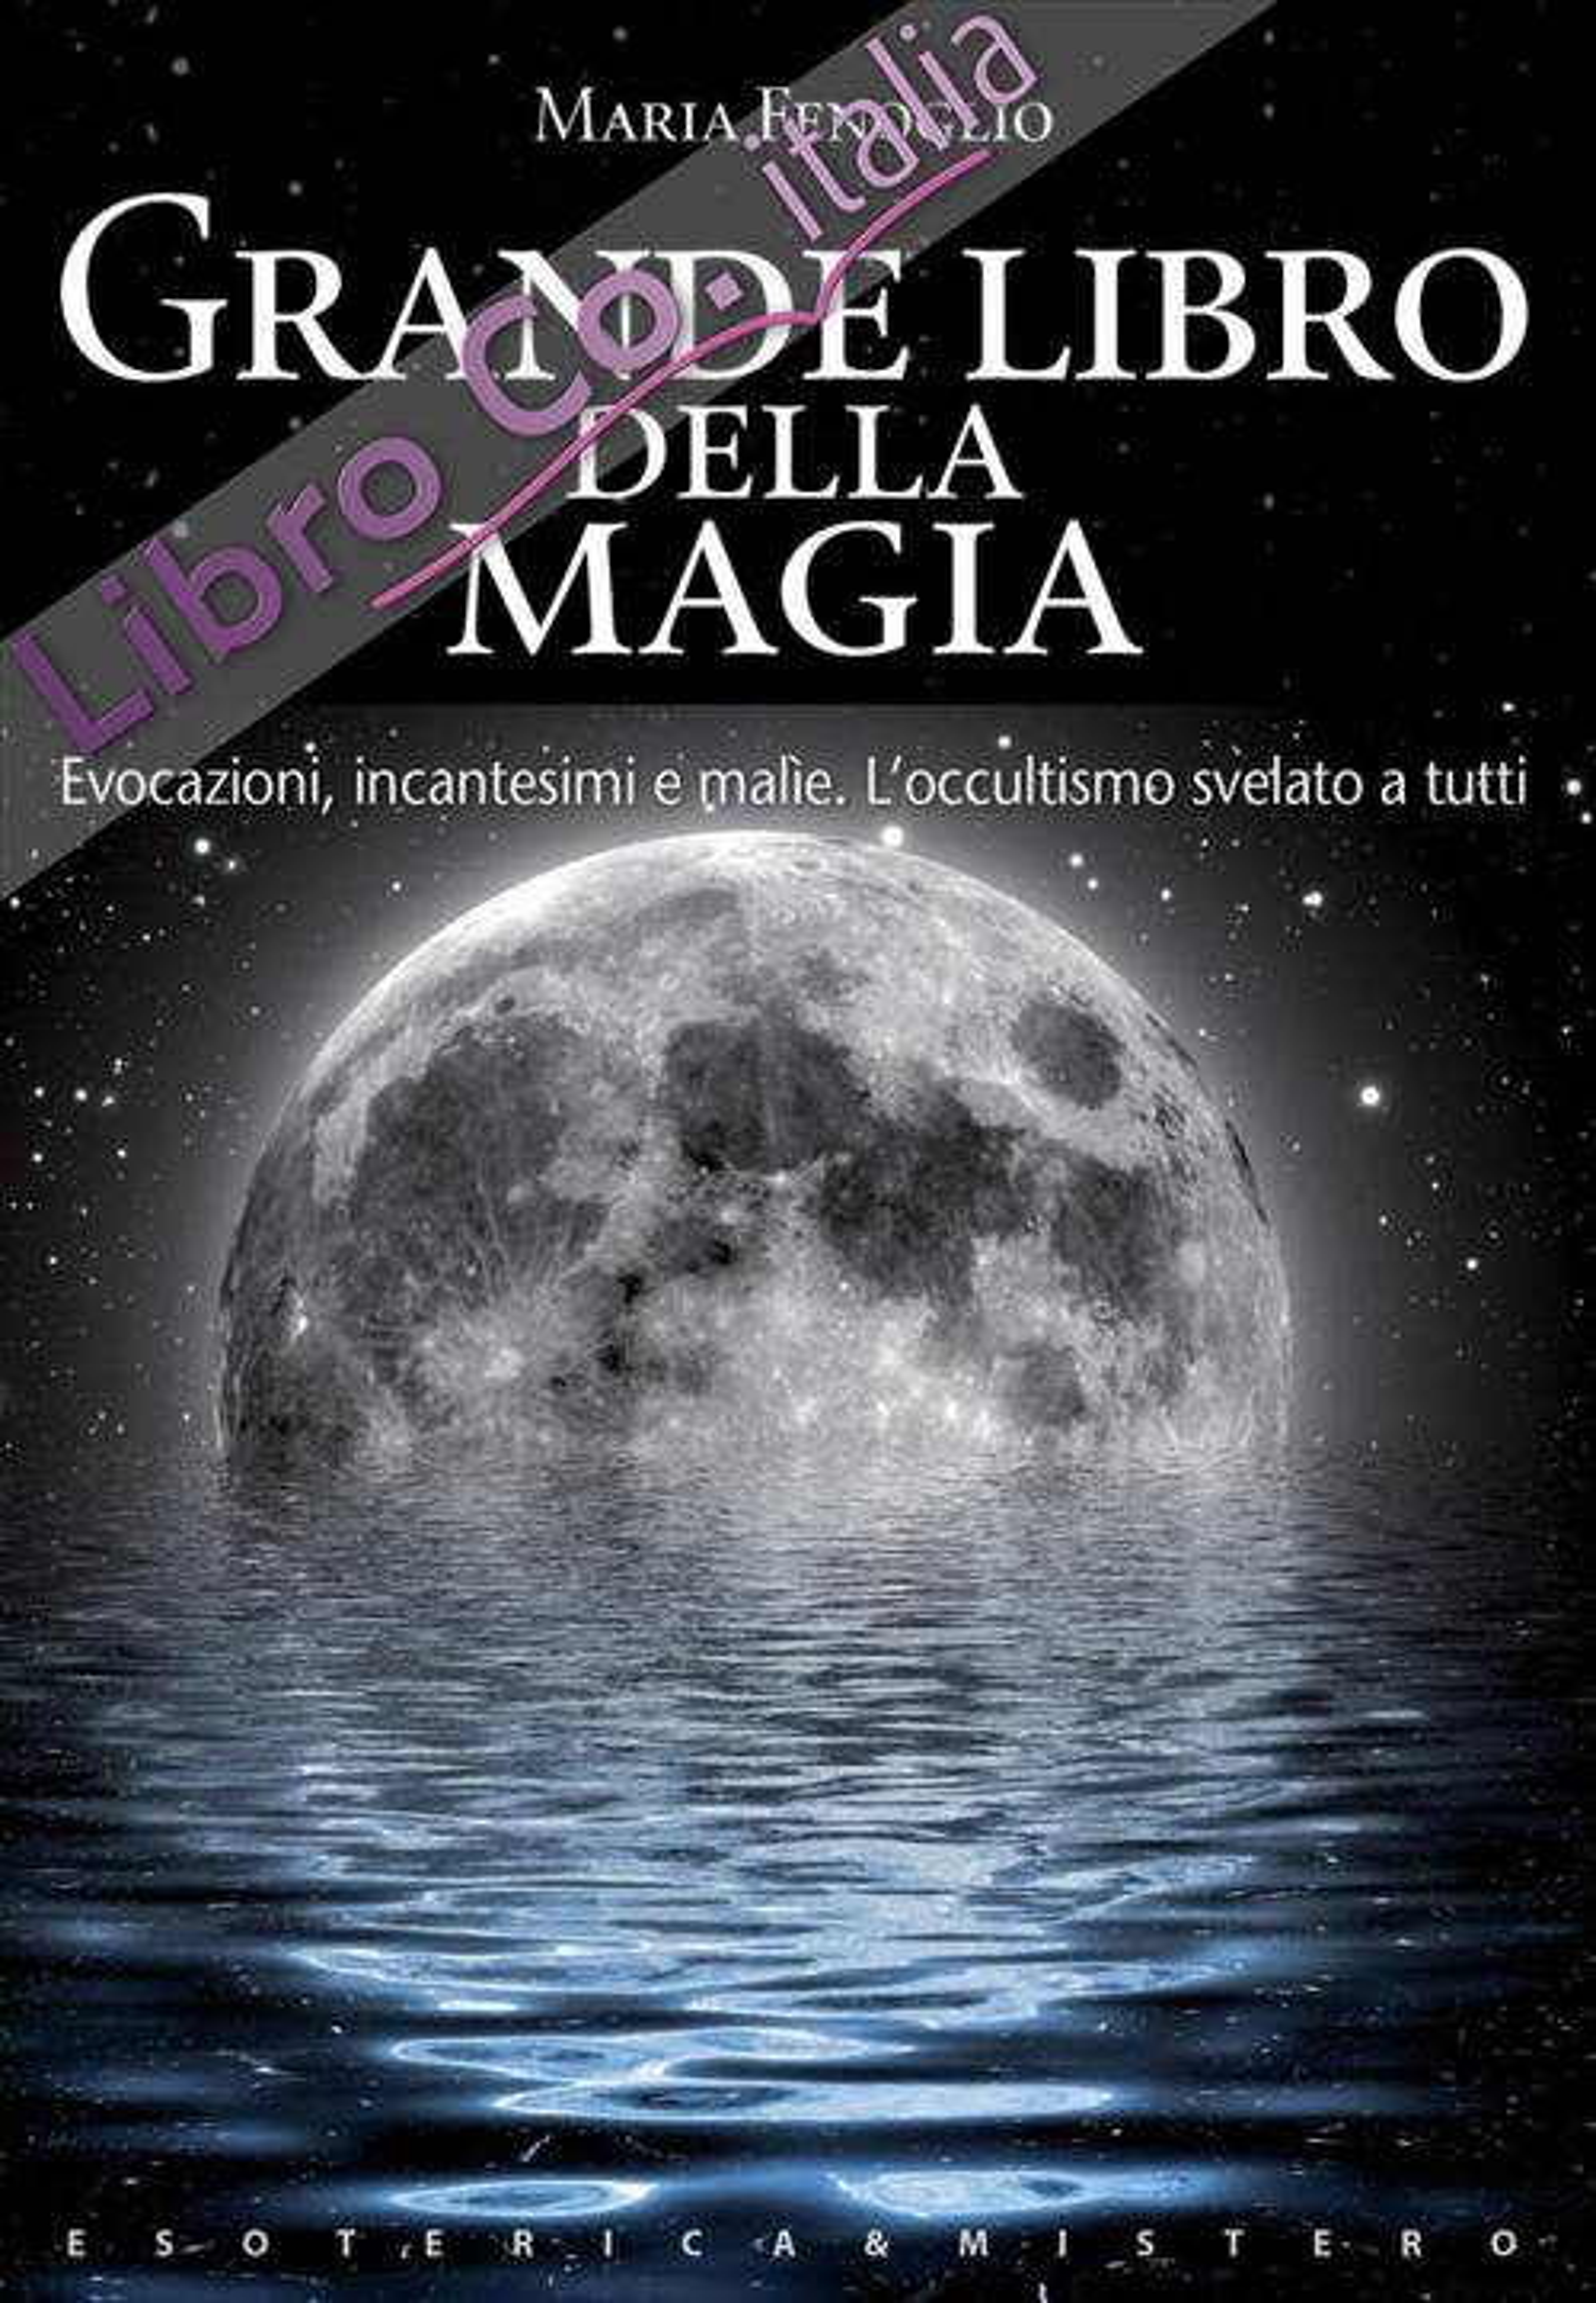 Grande libro della magia.